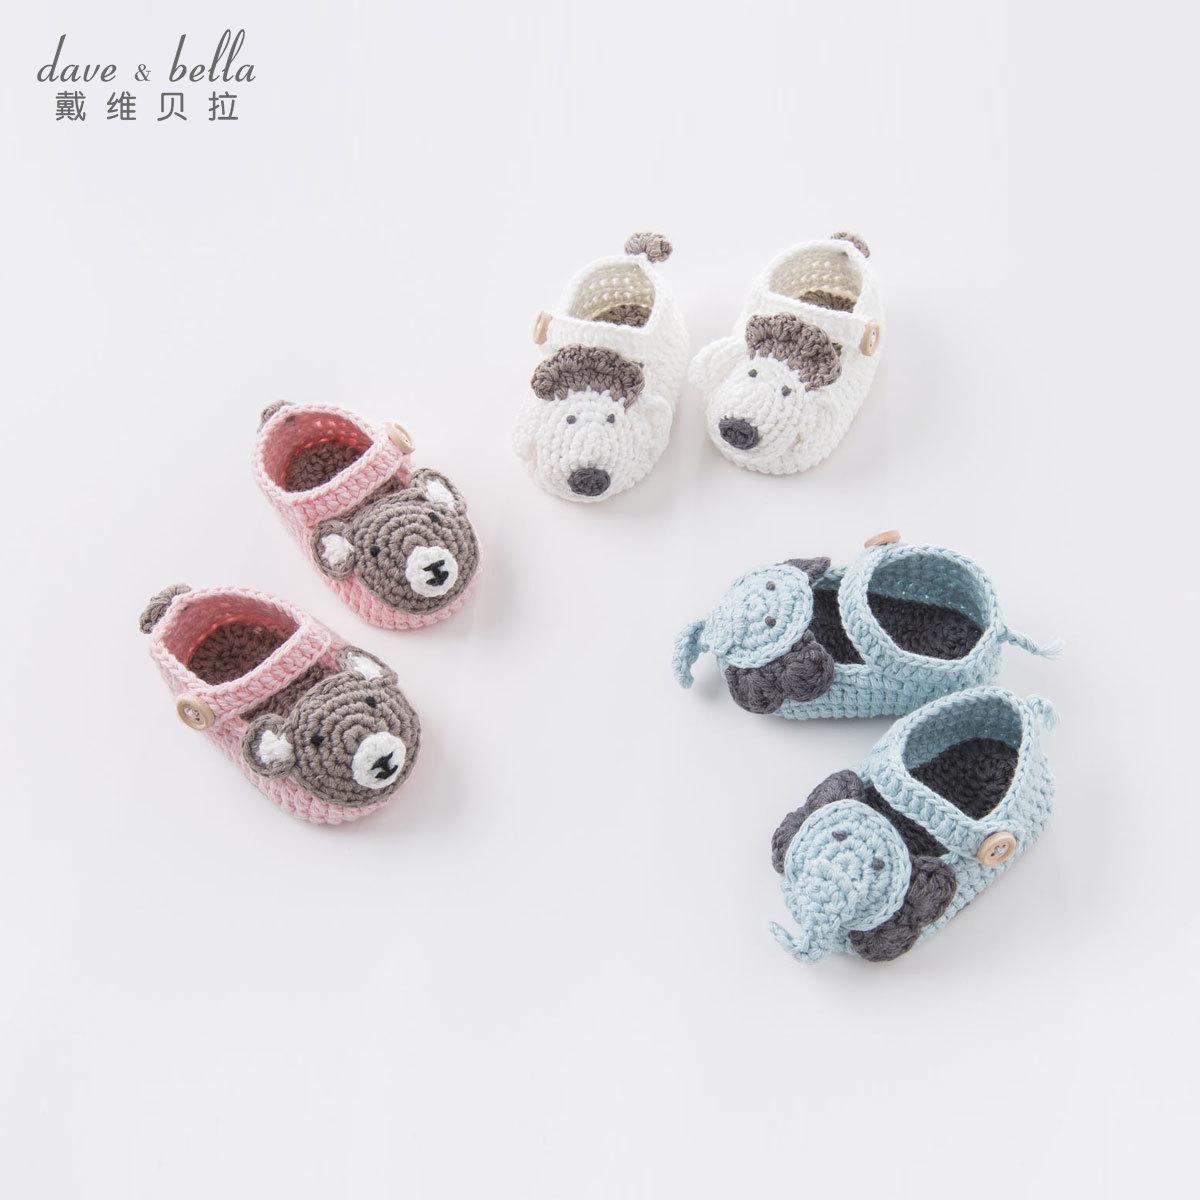 Davebella носить размер белла 2018 новая весна модель ткать ребенок шаг назад обувной детские руки крюк обувной DB7322